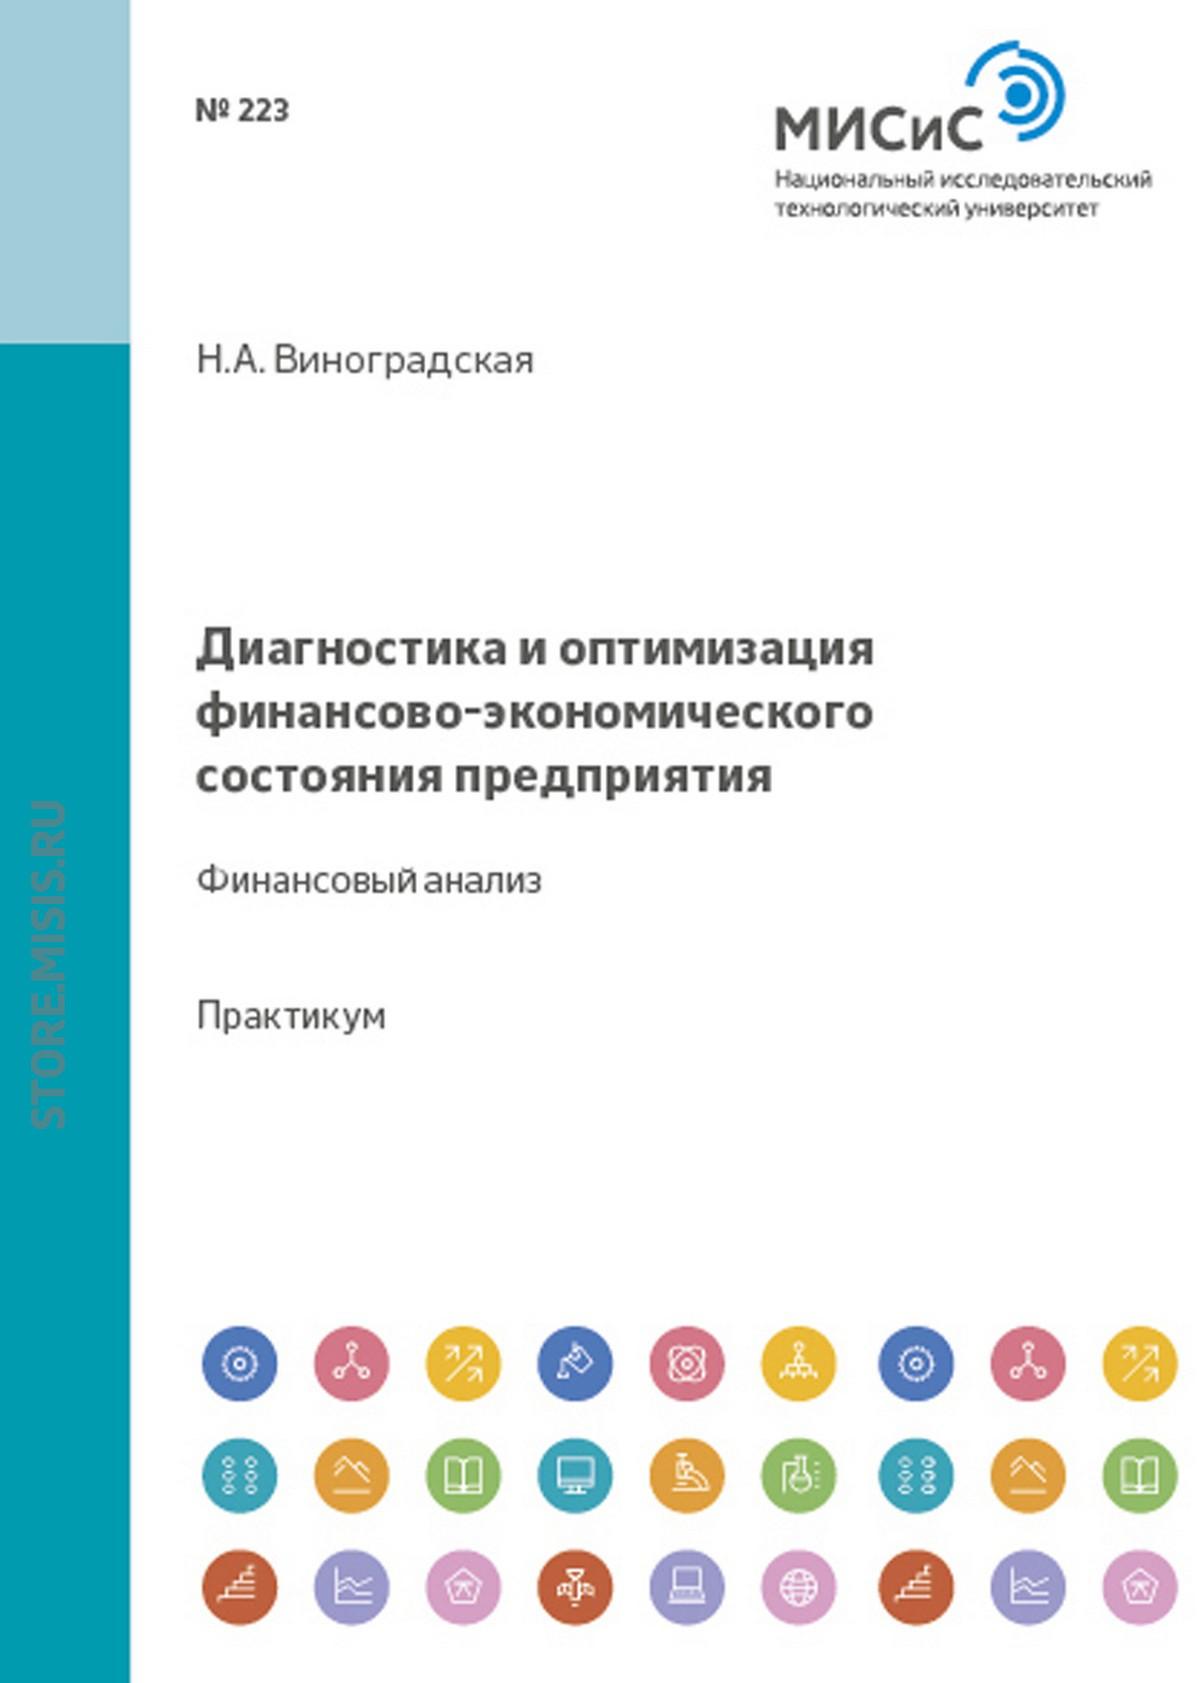 Н. А. Виноградская Диагностика и оптимизация финансово-экономического состояния предприятия. Финансовый анализ